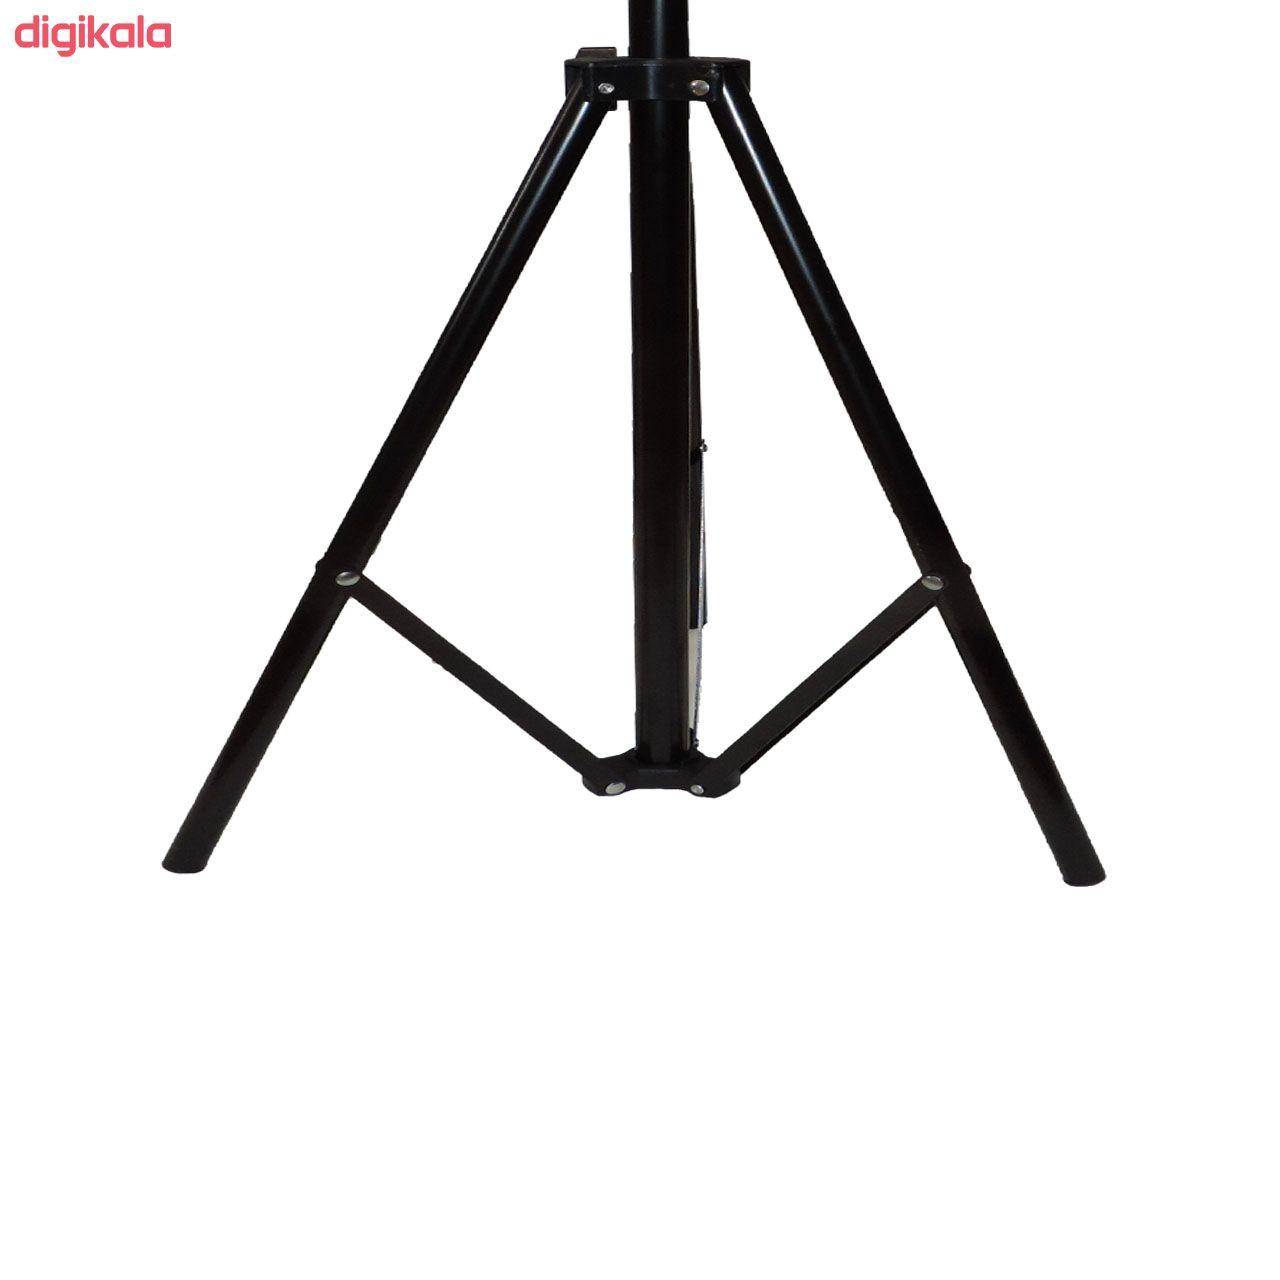 سه پایه دوربین مدل 803 کد 10 main 1 1